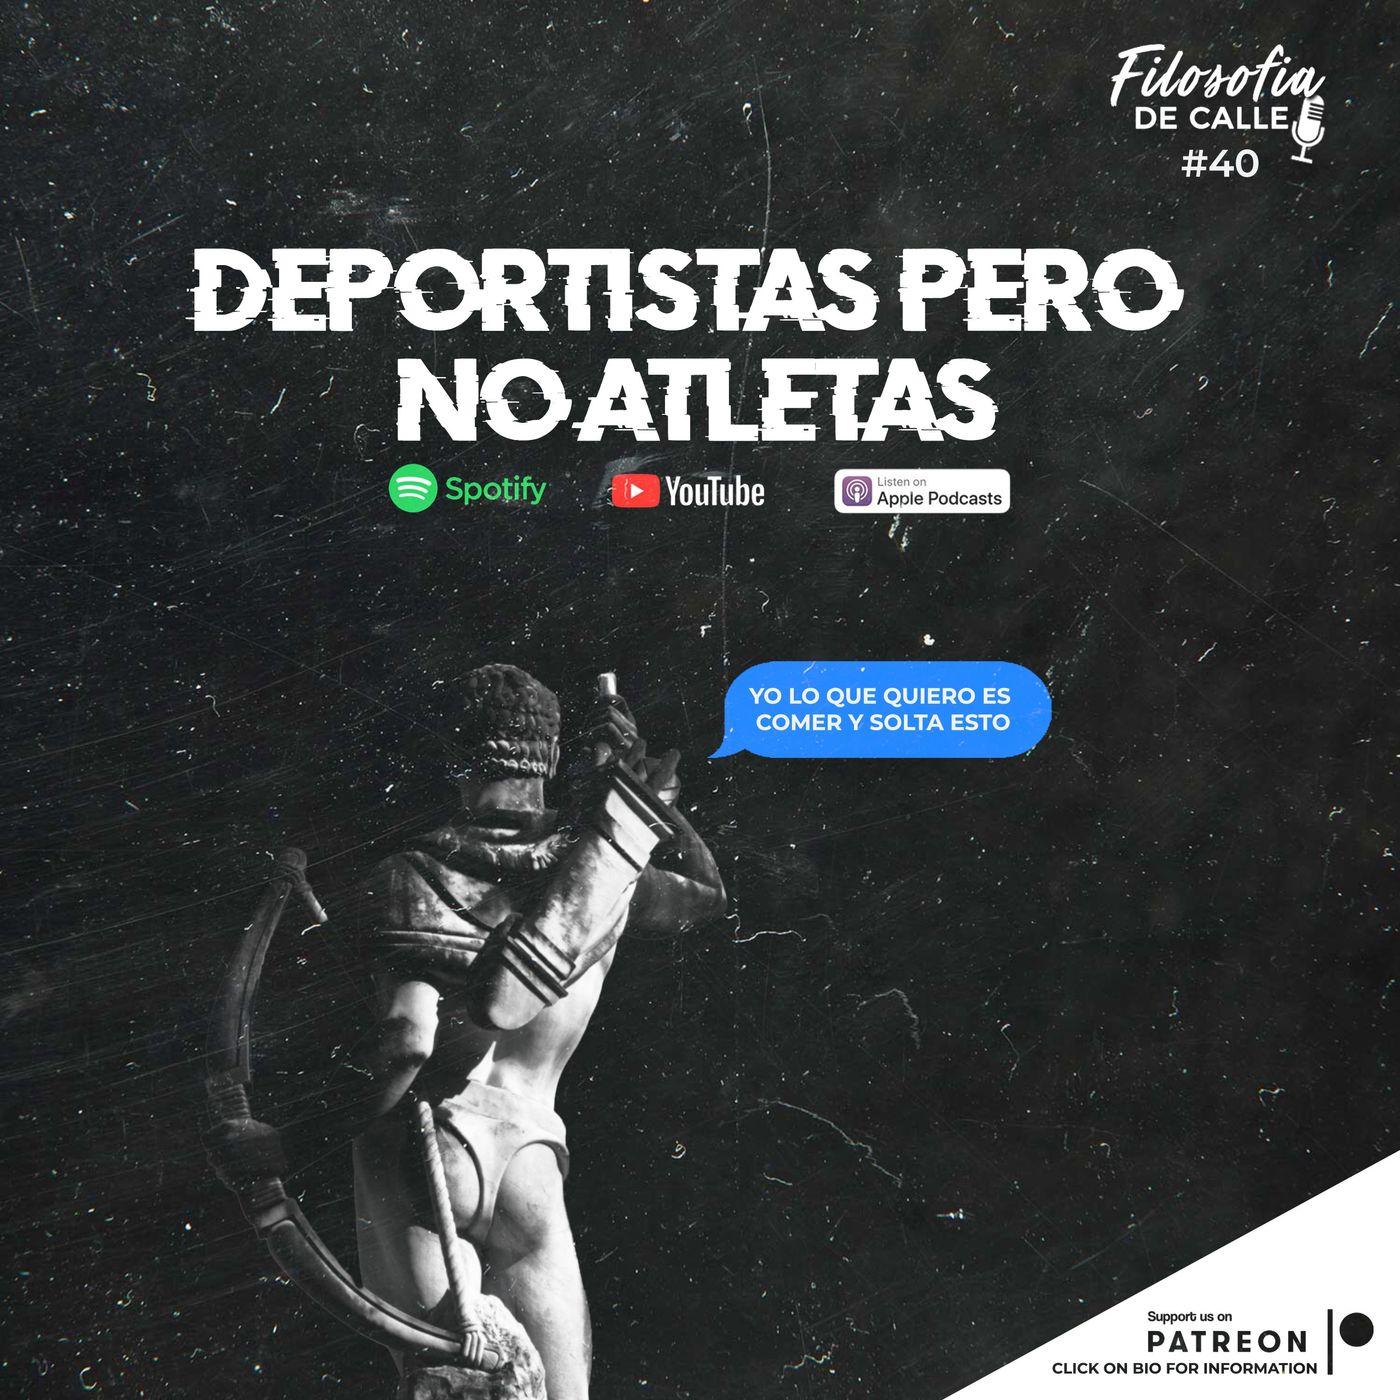 040. Deportistas pero no atletas